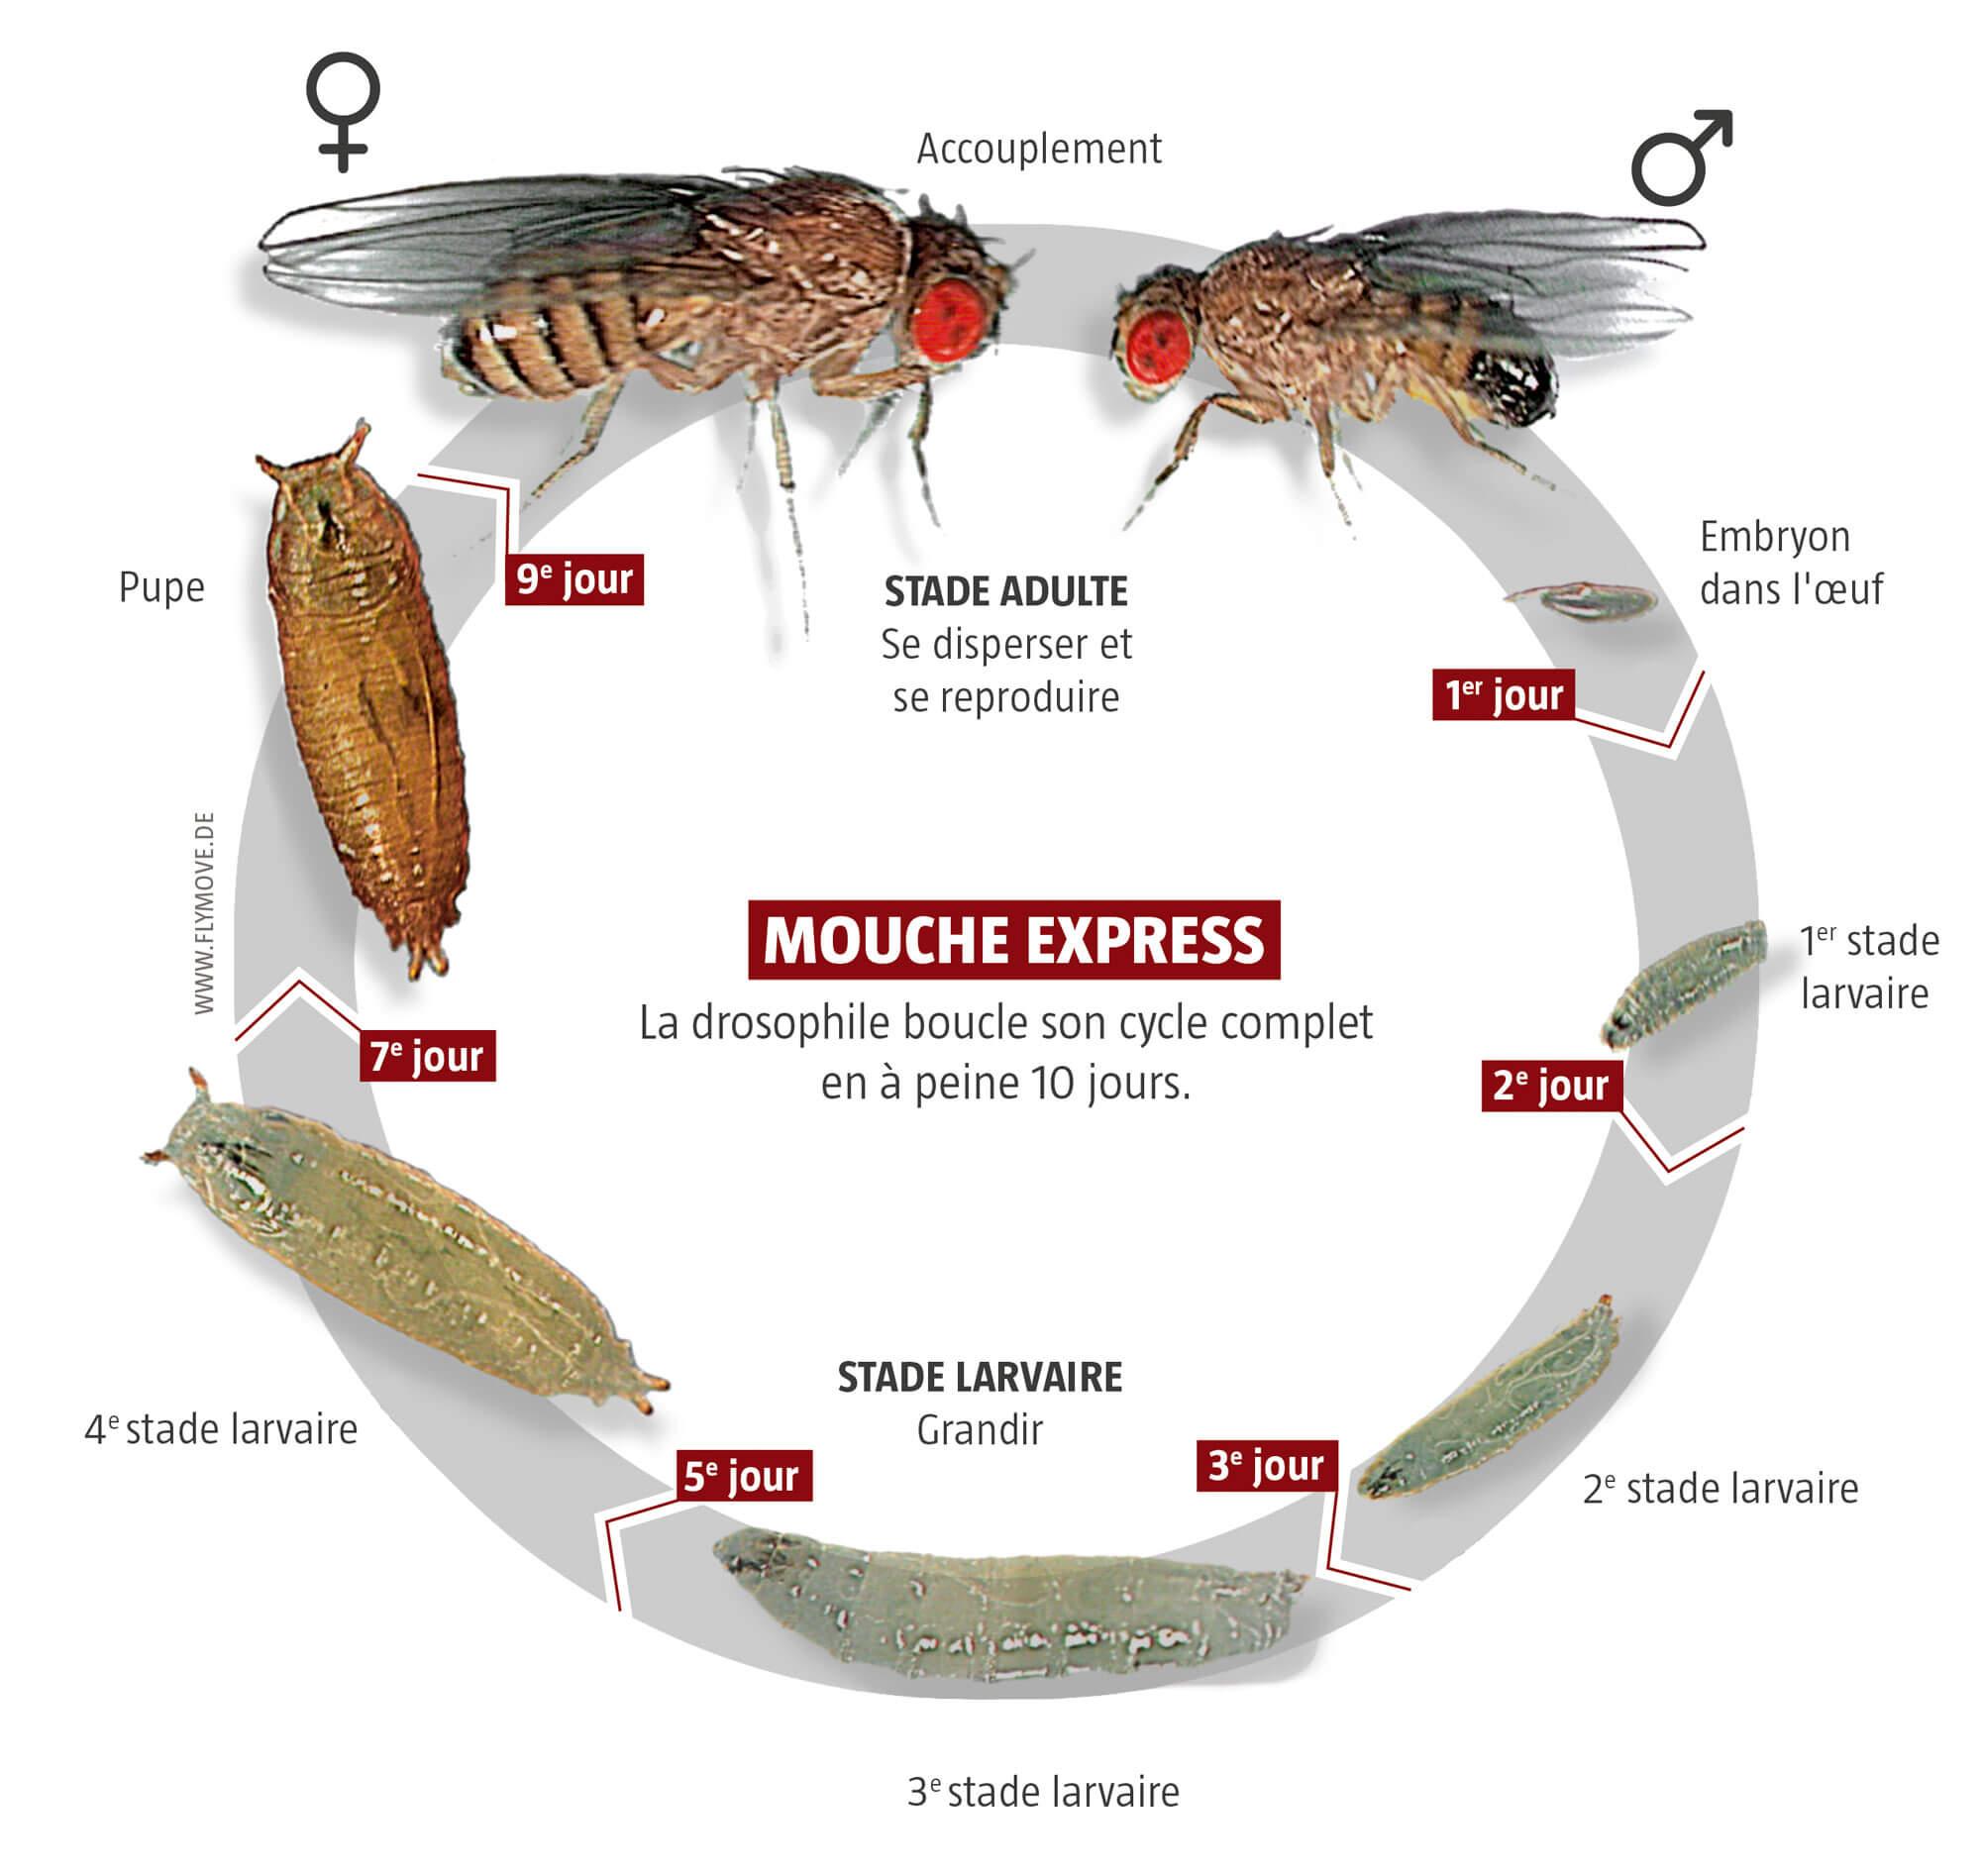 Mouche, star des laboratoires - La Salamandre